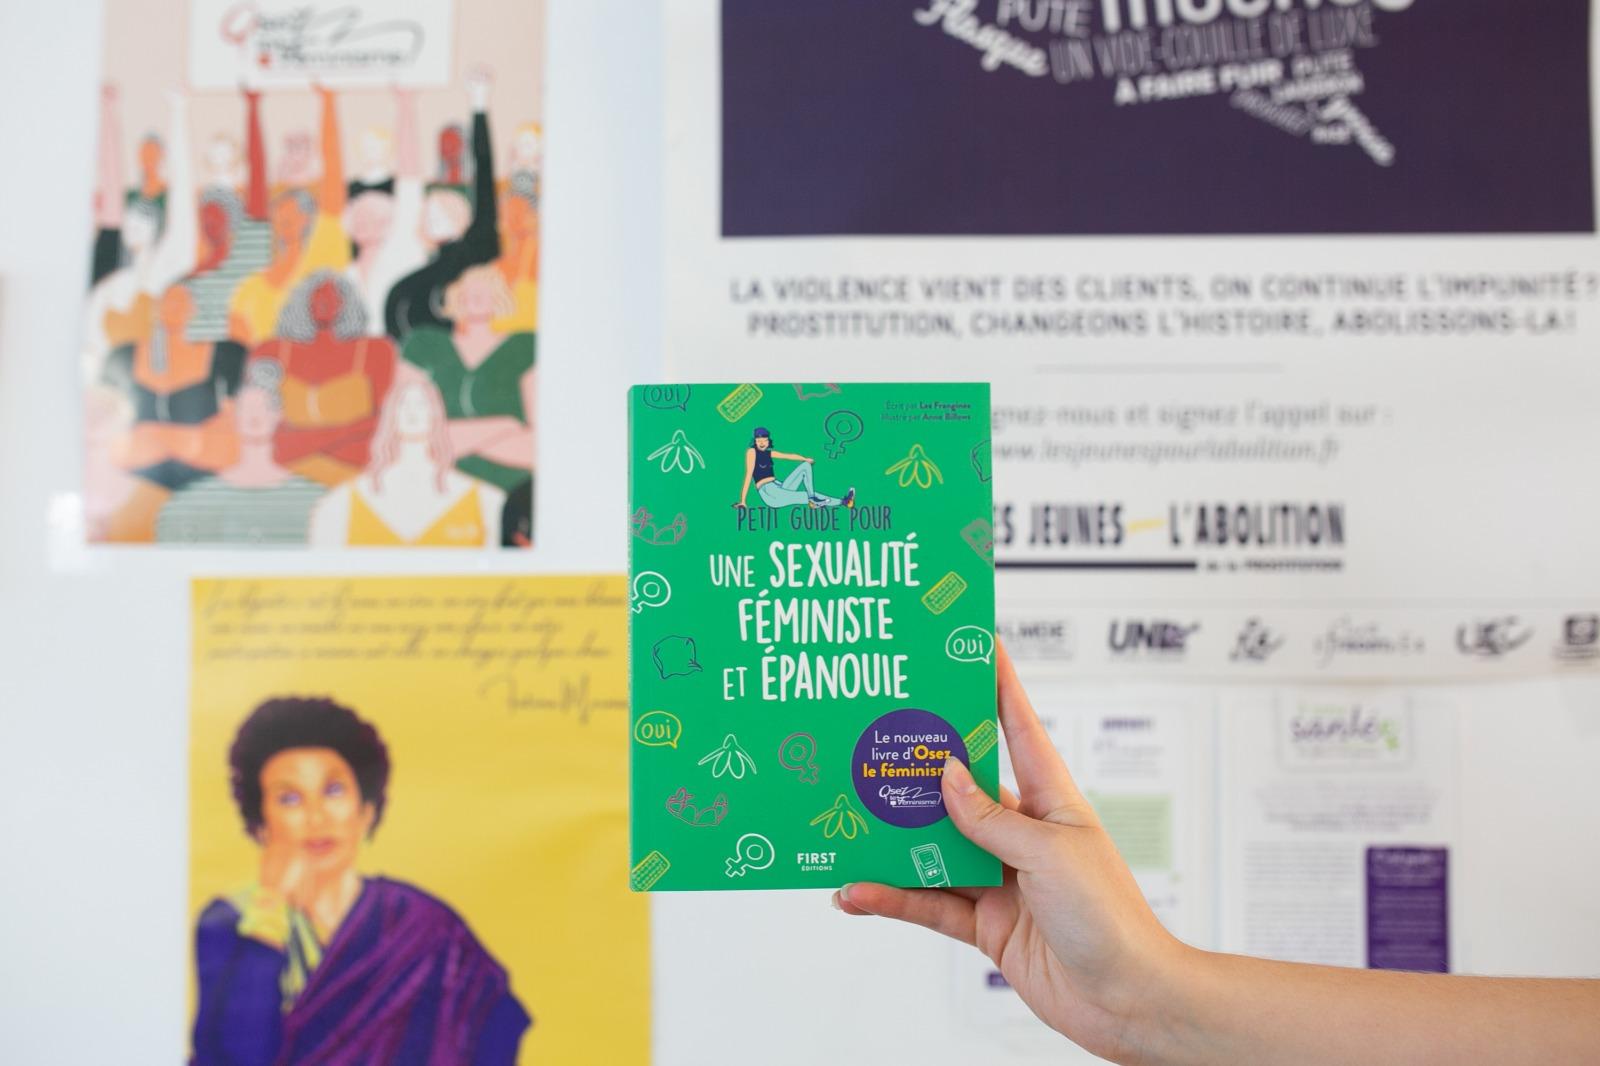 Soirée de lancement du livre d'OLF petit guide pour une sexualité féministe et épanouie mardi 14 septembre 2021 au Hasard Ludique